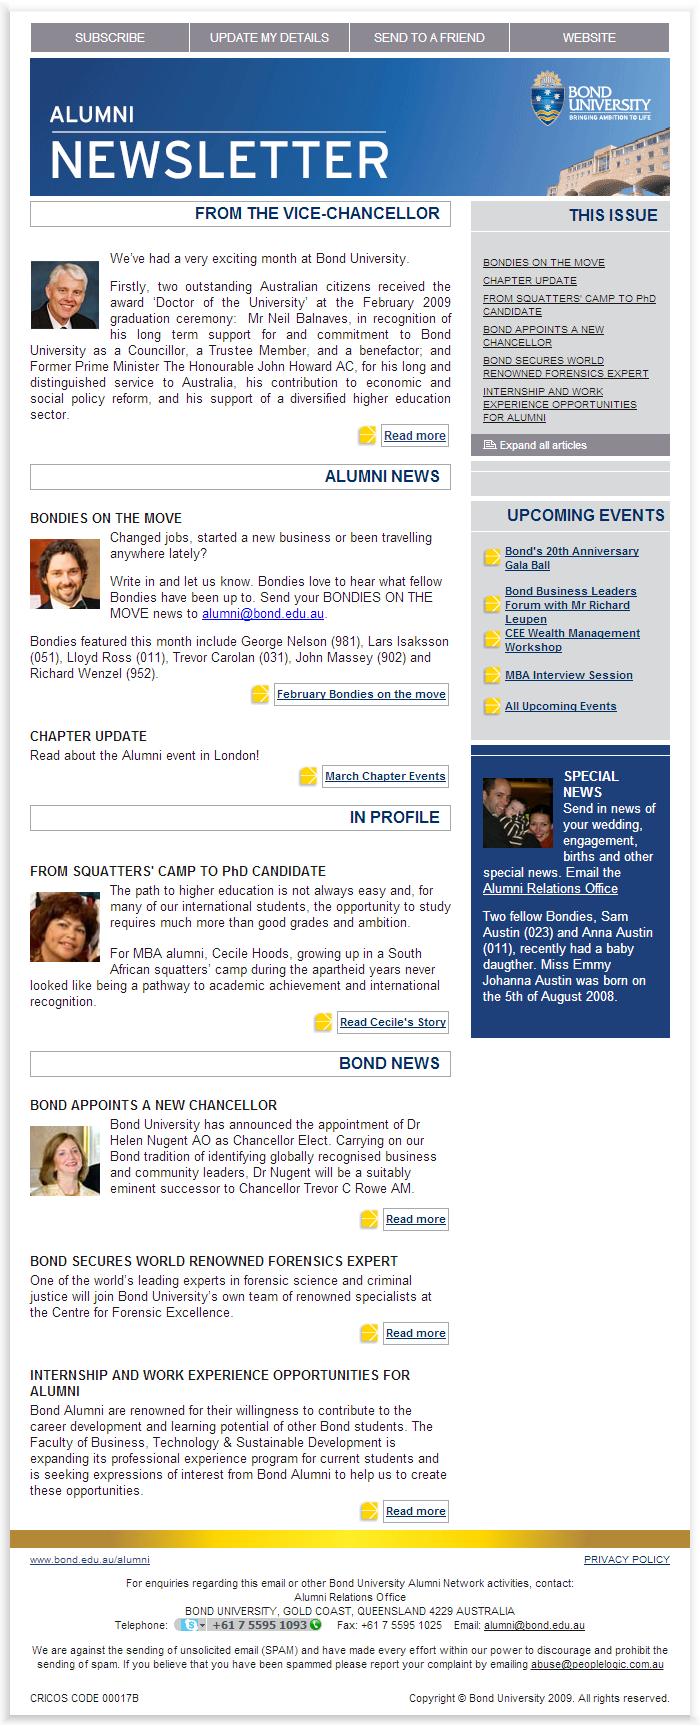 e newsletter design for bond university newsletter ideas